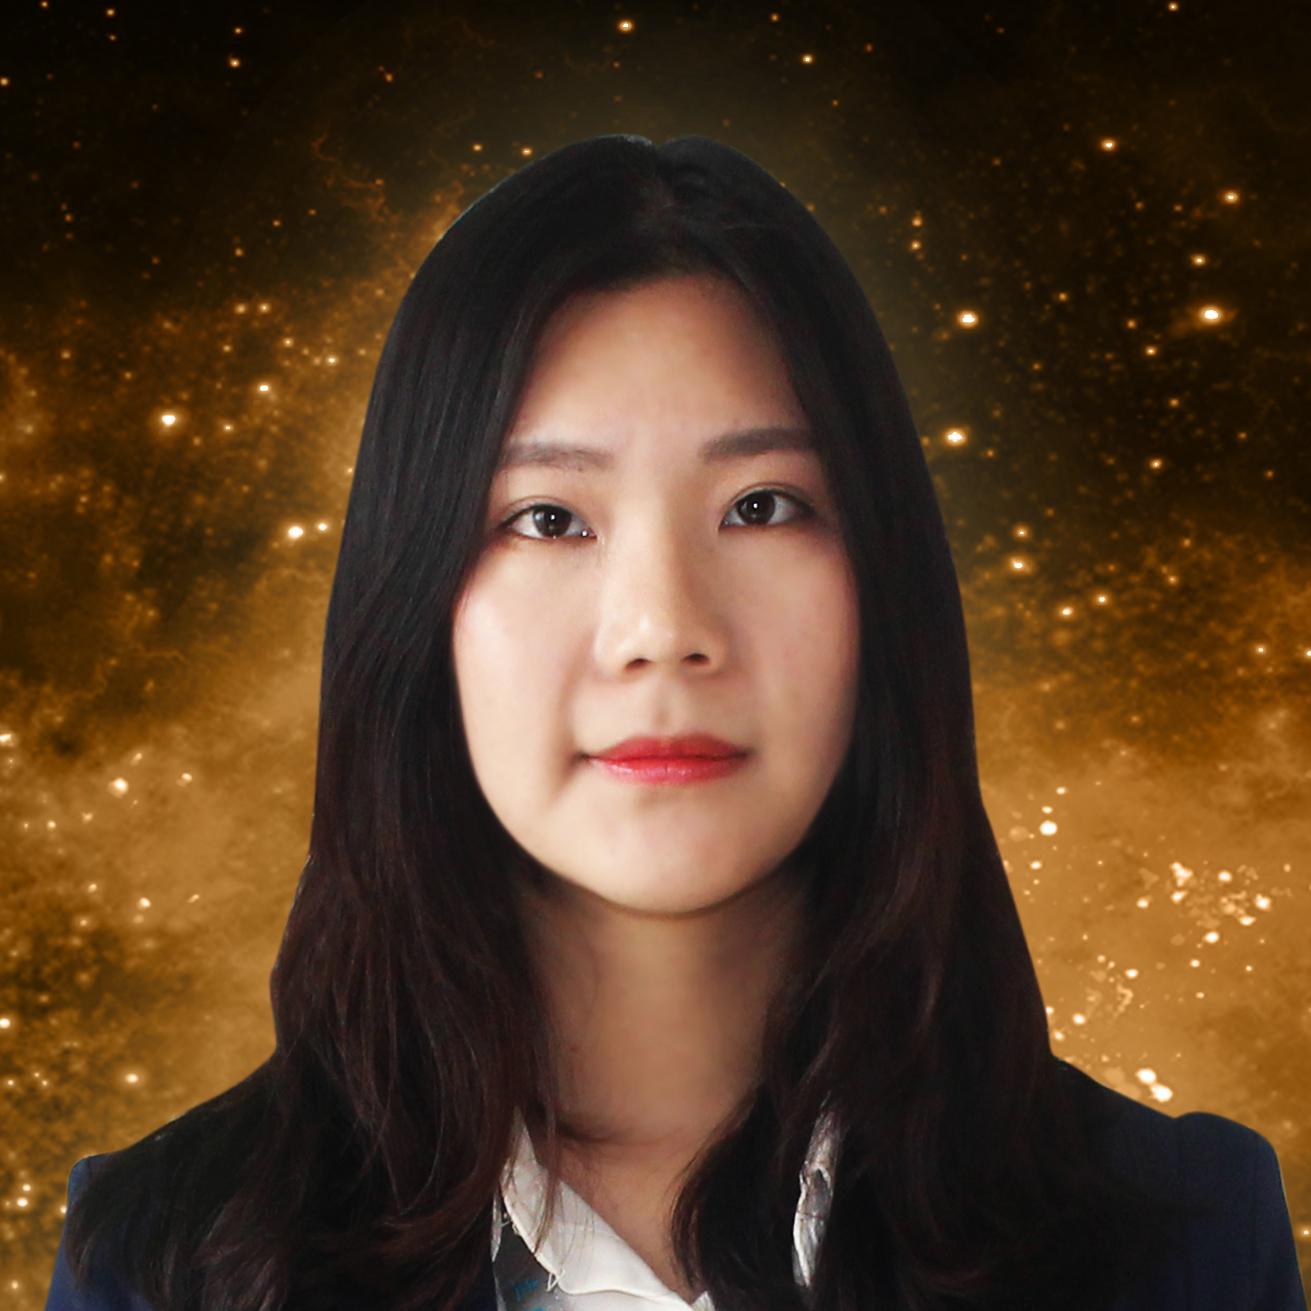 蒋丽萍老师